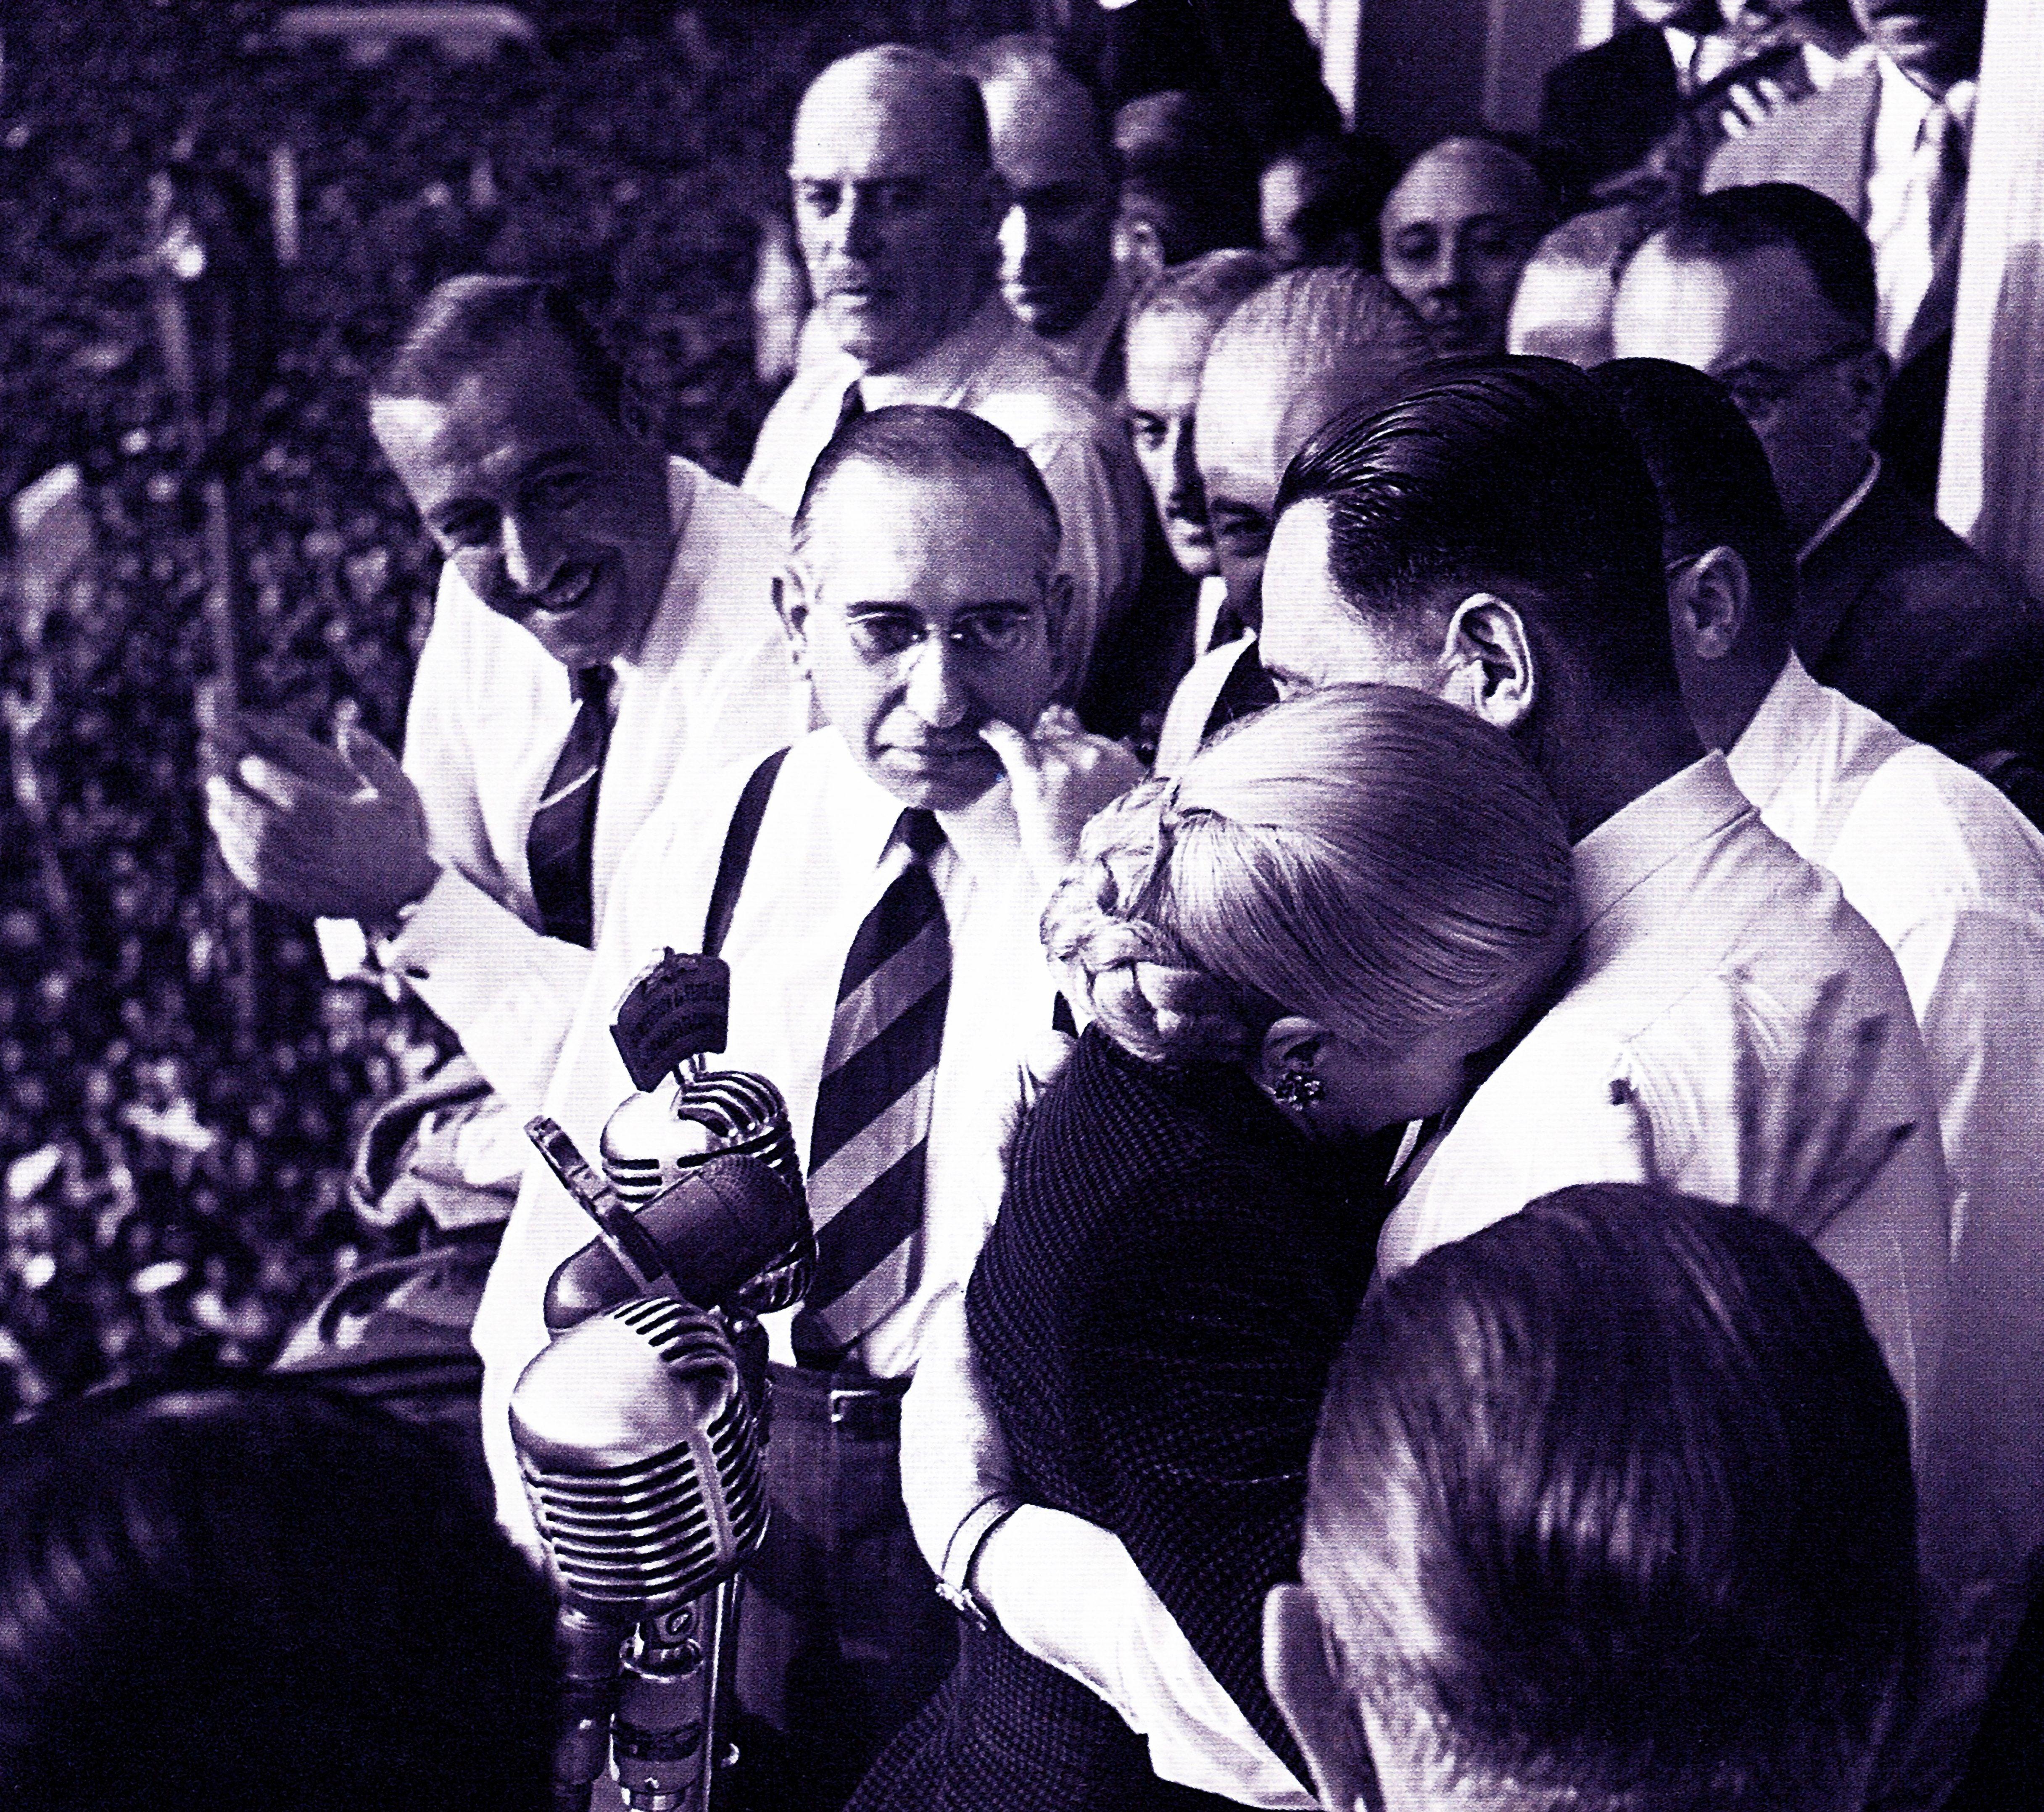 """La biografía """"La razón de mi vida"""" se publica en 1951. Ese mismo año, la CGT la postula como candidata a la vicepresidencia en una fórmula conjunta con el General Perón. No aceptó. En un acto multitudinario, dice una frase célebre: """"Renuncio a los honores pero no a la lucha"""". Las causas son diversas: la reprobación de las fuerzas armadas, su recelo a aceptar cargos oficiales y la evolución de su enfermedad. Por entonces, Evita tenía 32 años (Universal History Archive/Shutterstock)"""